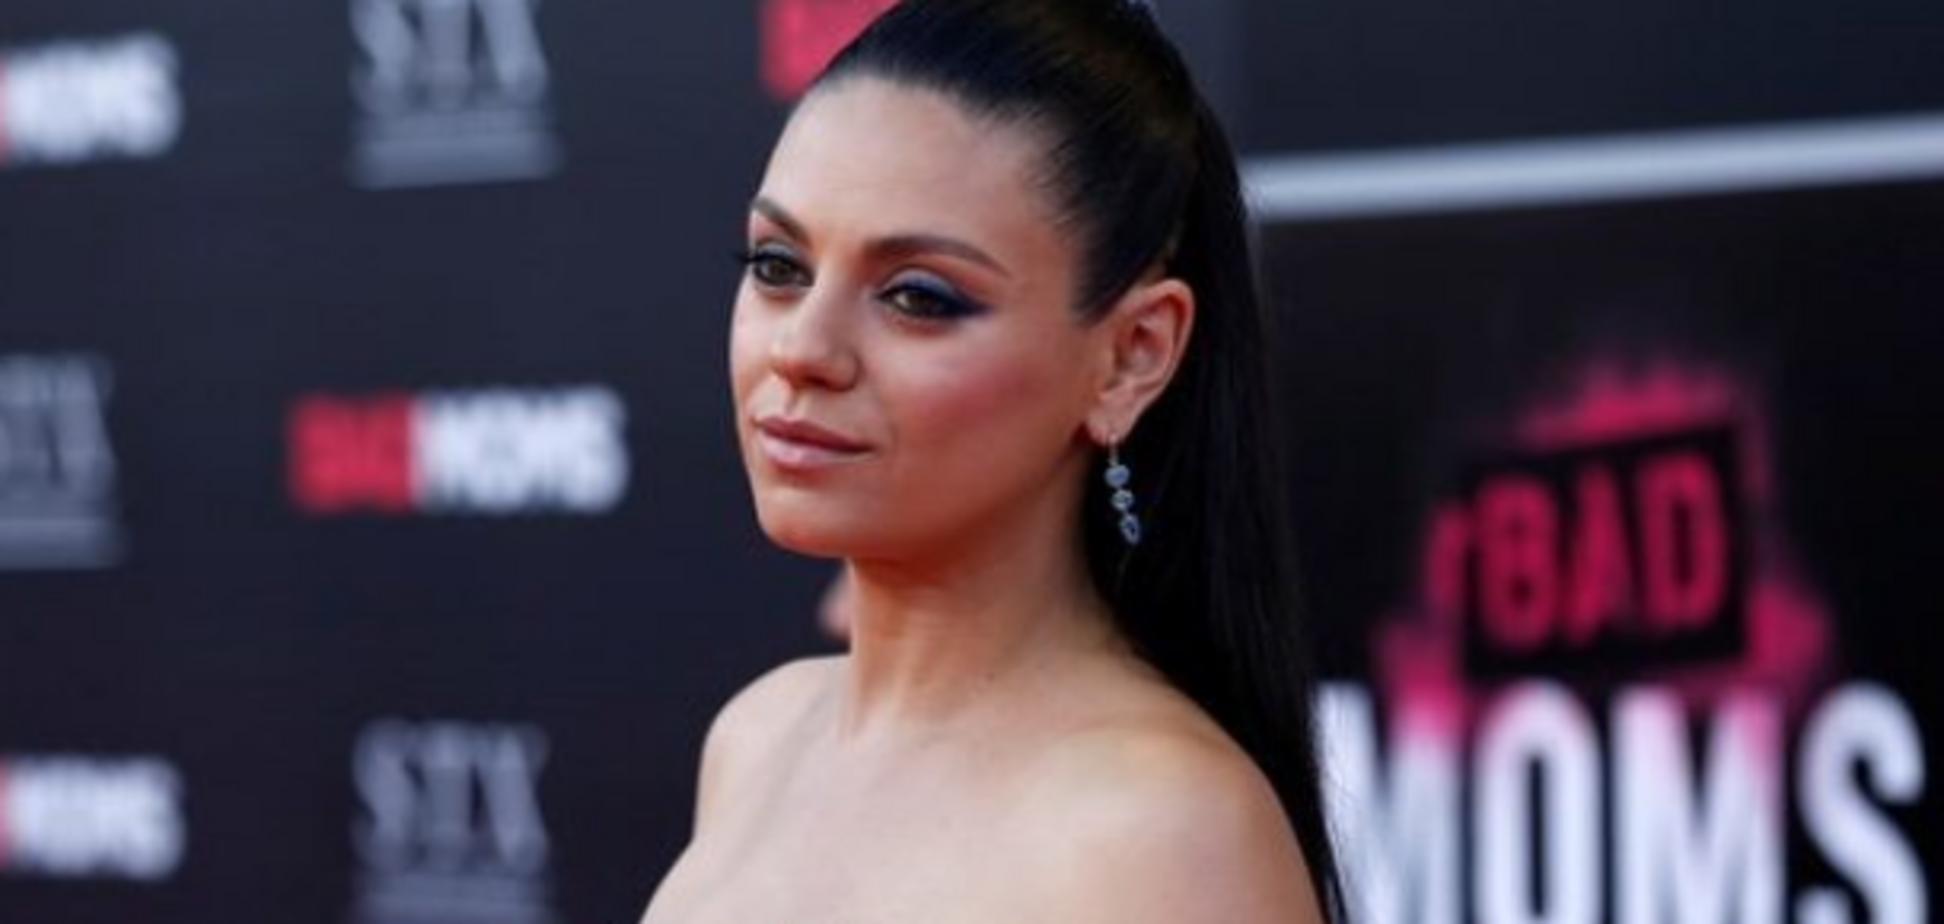 Мілі Куніс – 36: найсексуальніші фото актриси